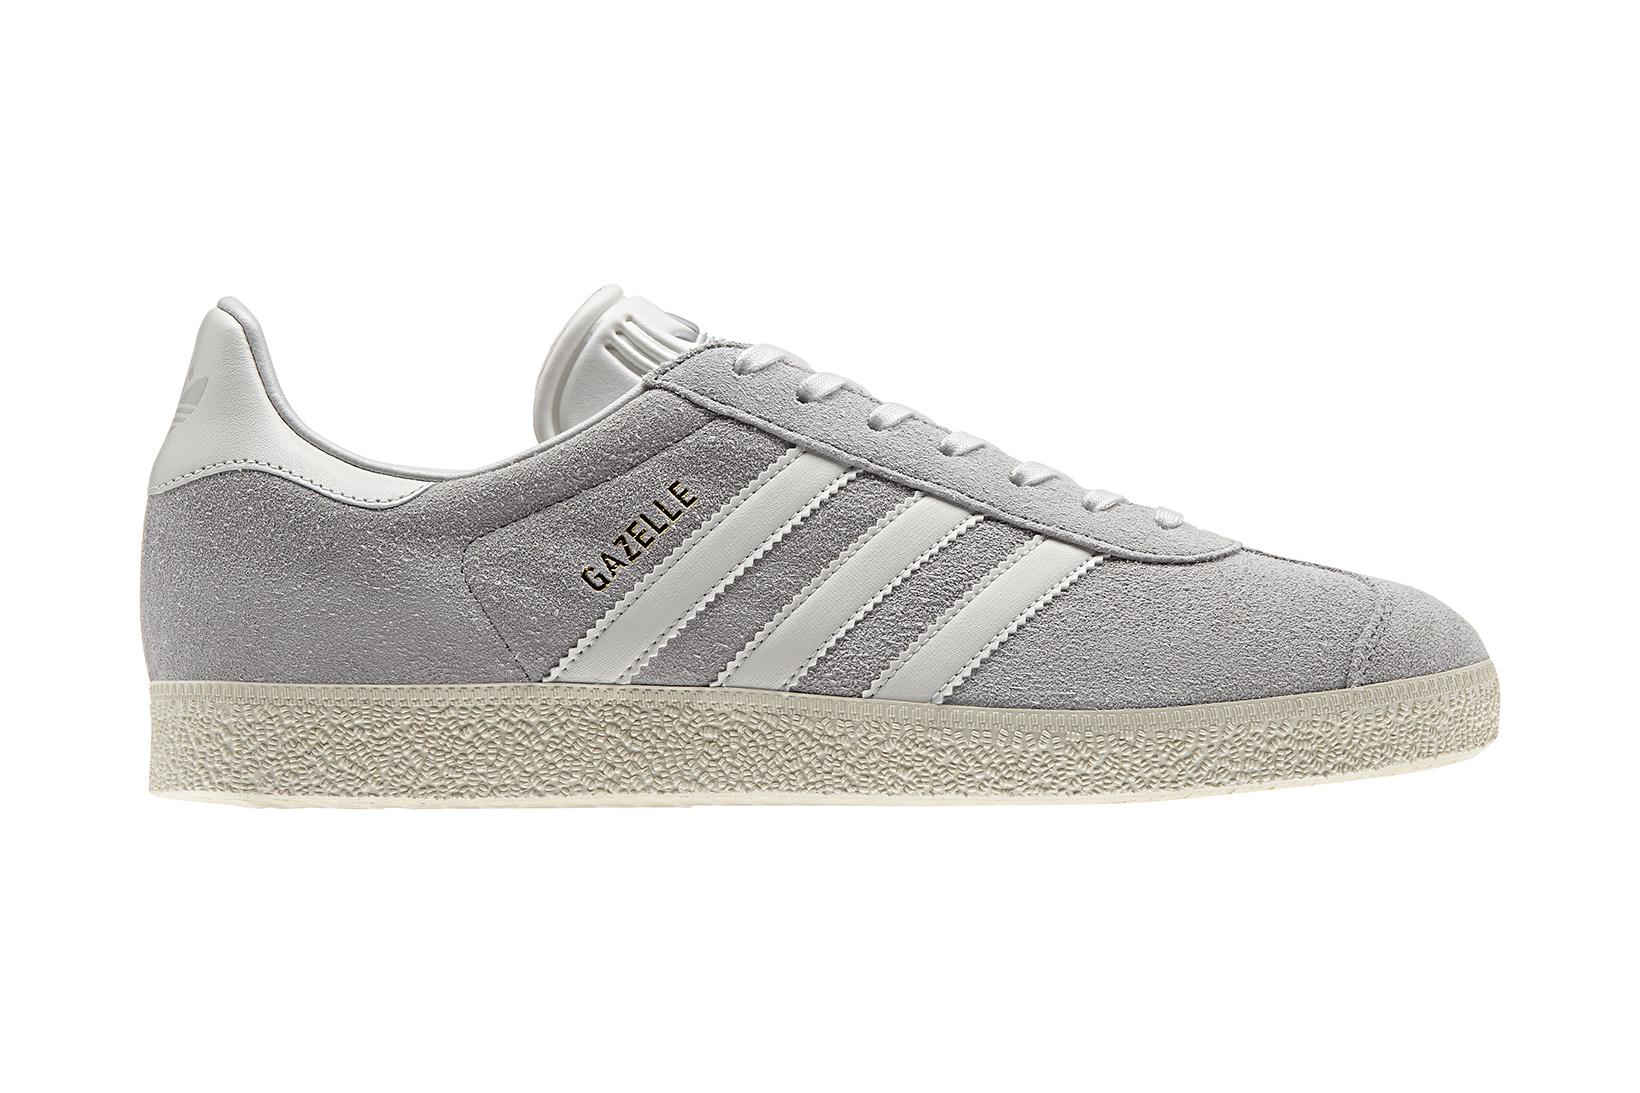 adidas Originals Gazelle Vintage Suede Grey